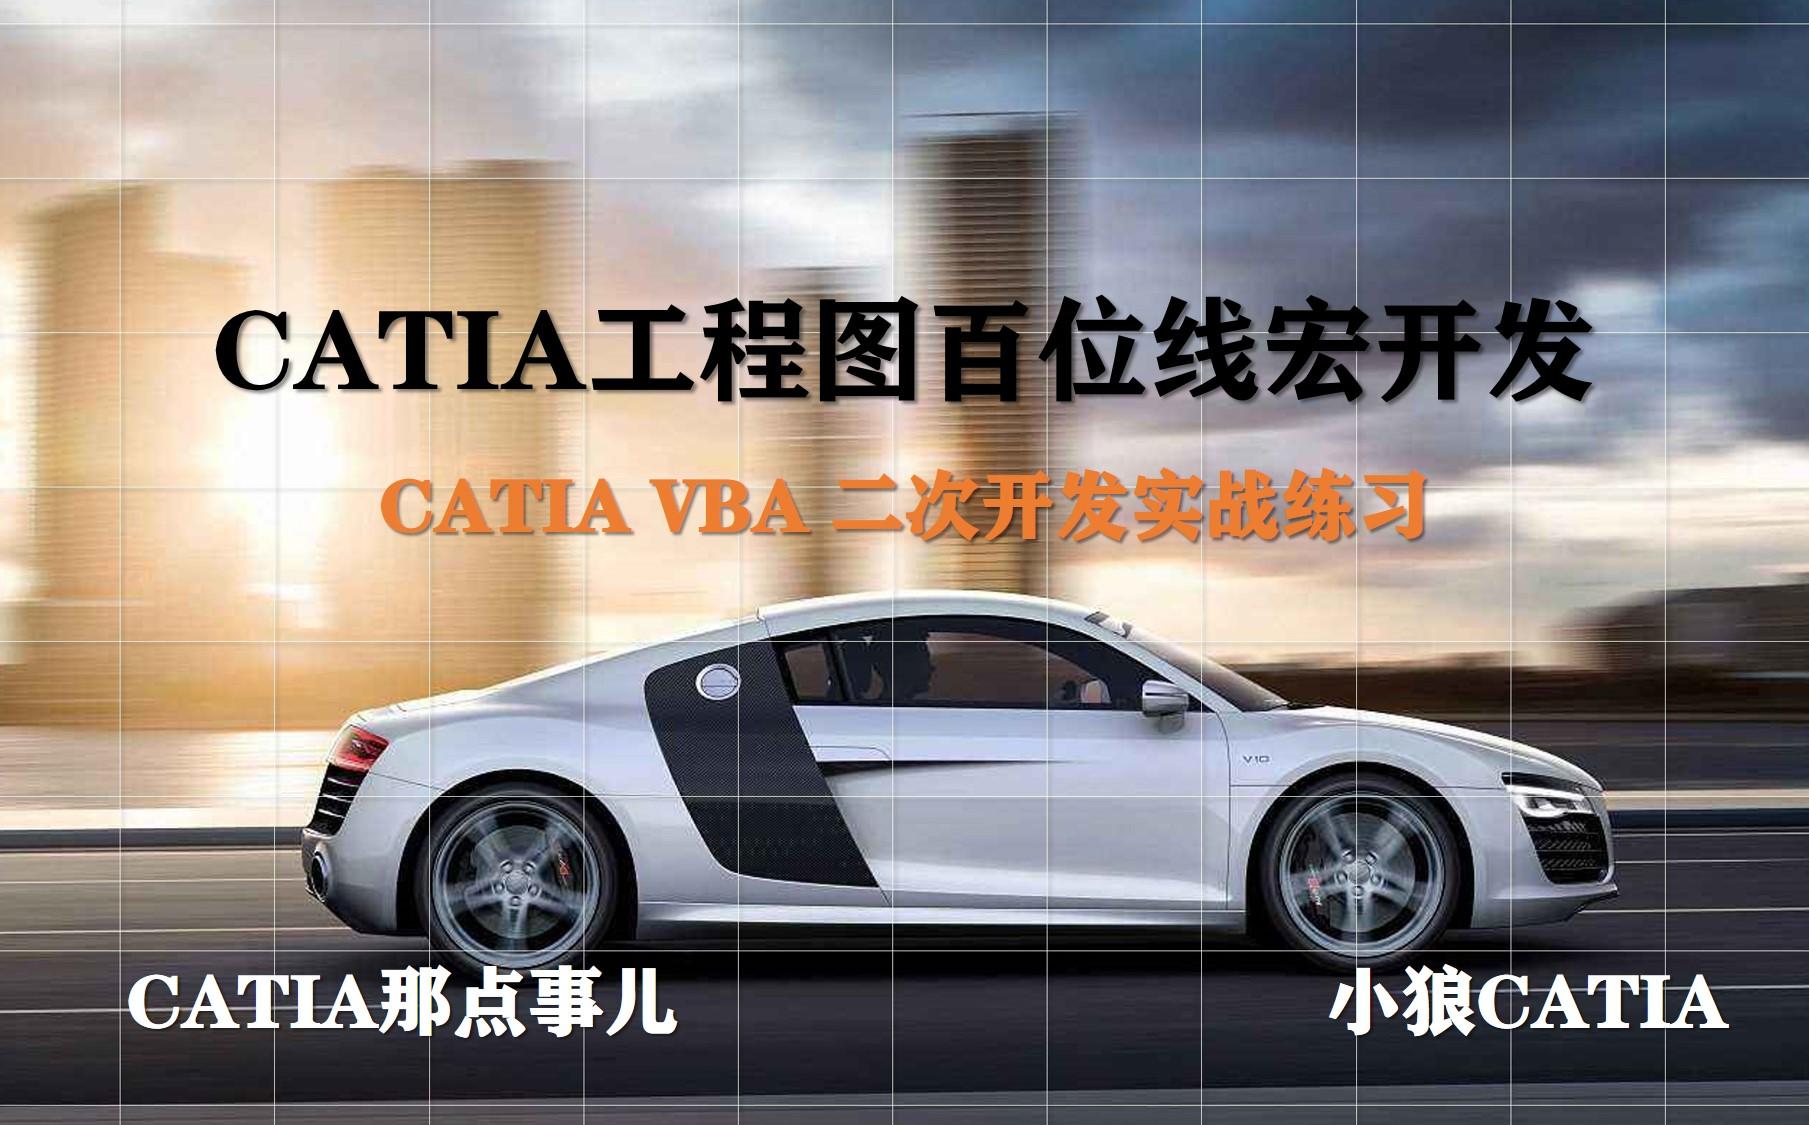 实战-百位线插件编写-CATIA VBA/宏 二次开发